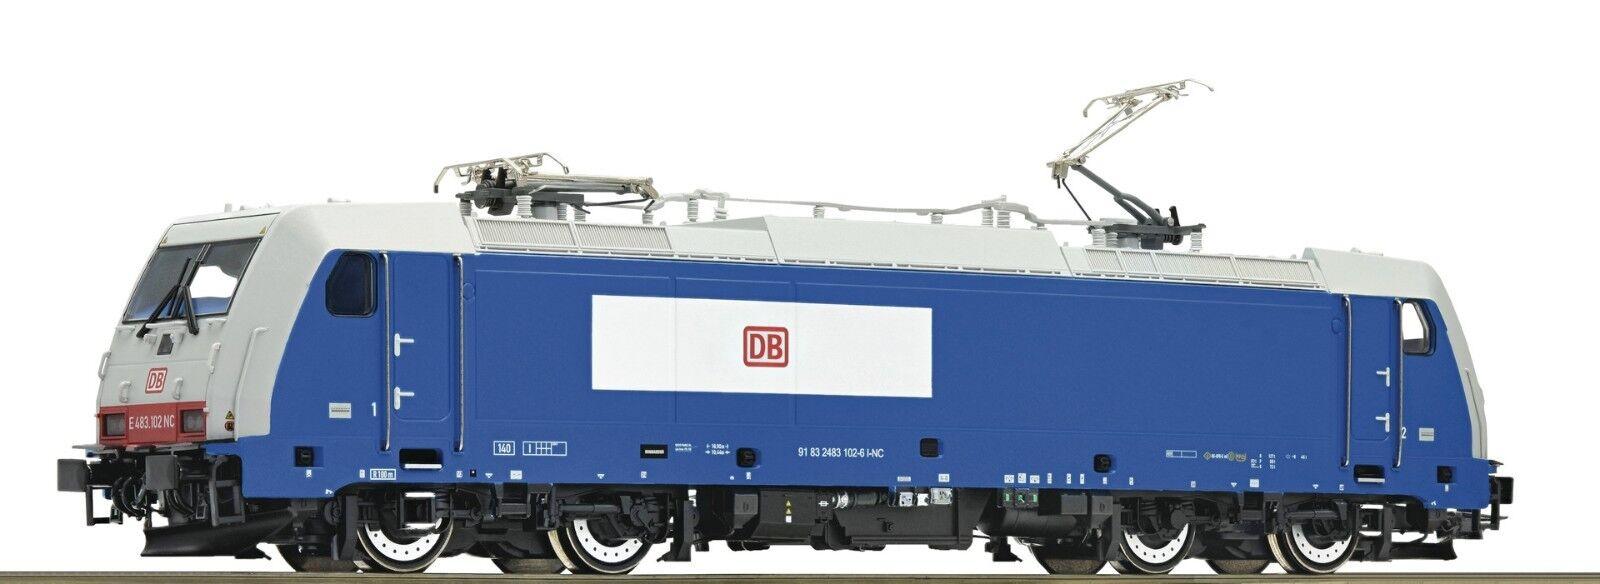 ROCO 73669 E483.102 Ellok DB -AG Italia Ep VI